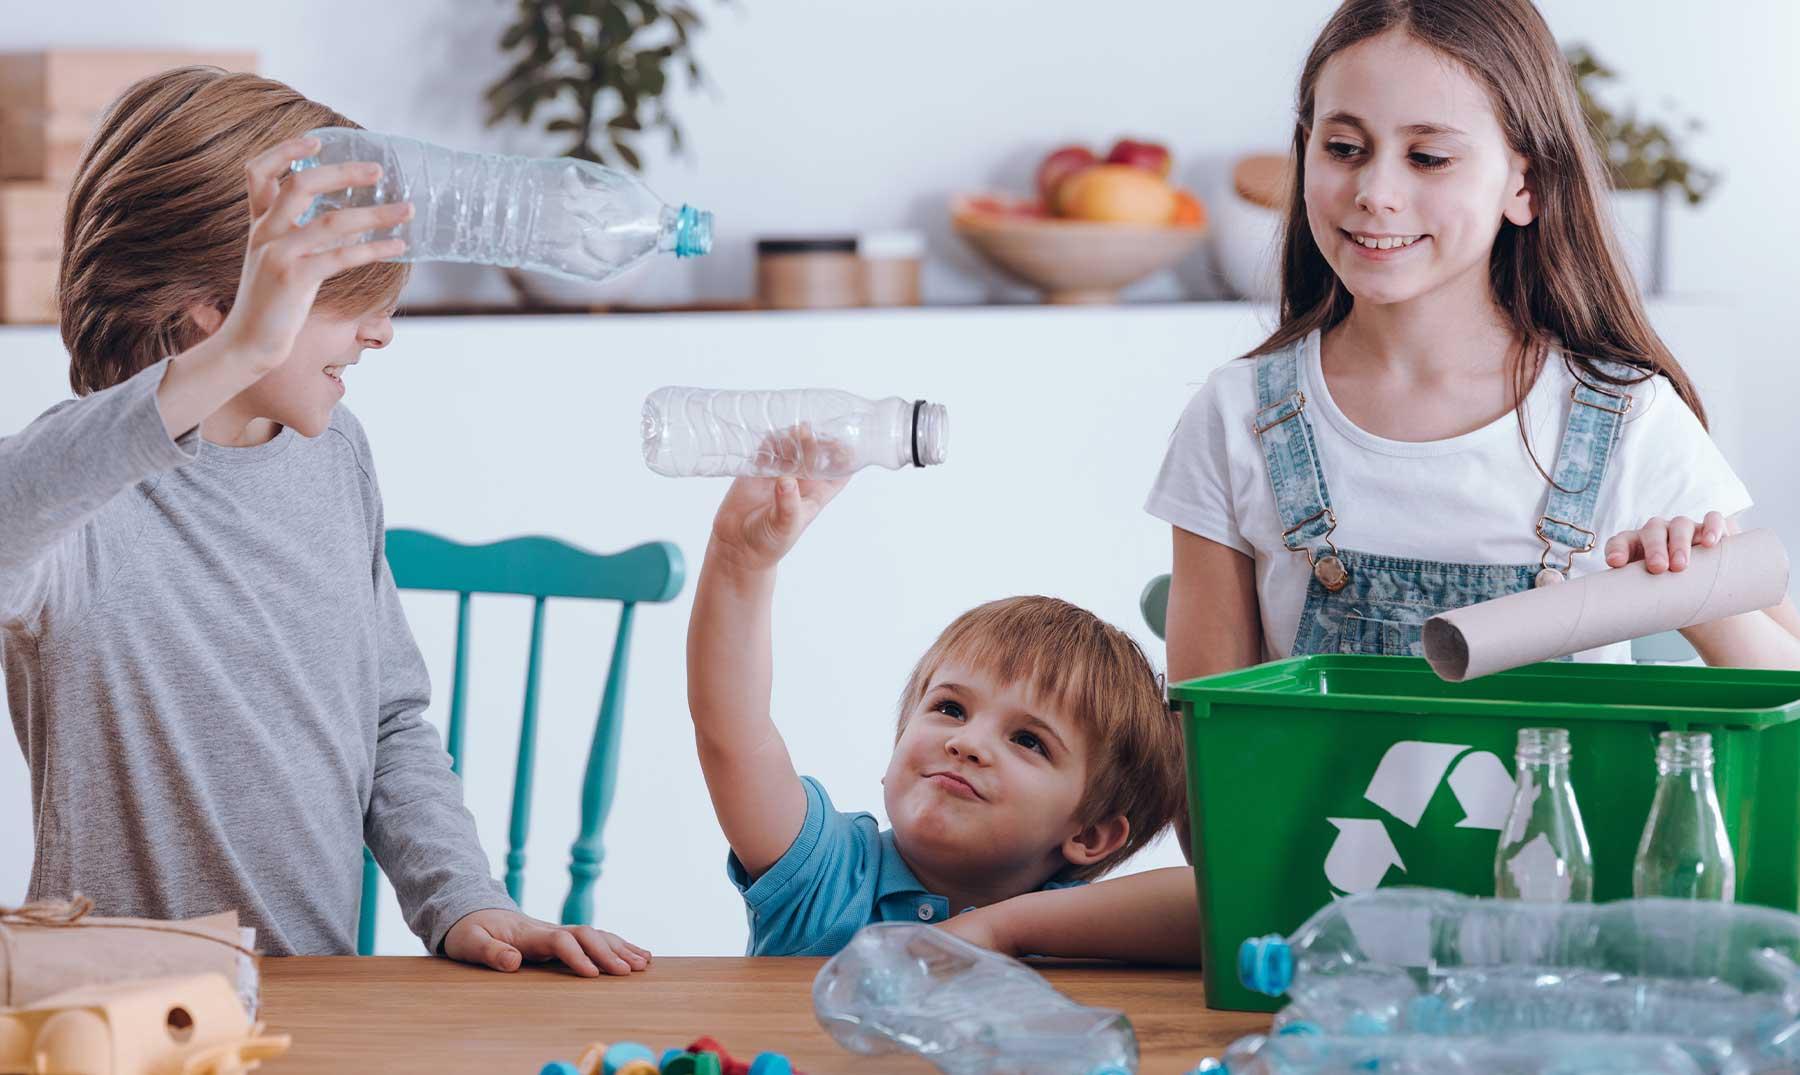 reciclaje en el hogar